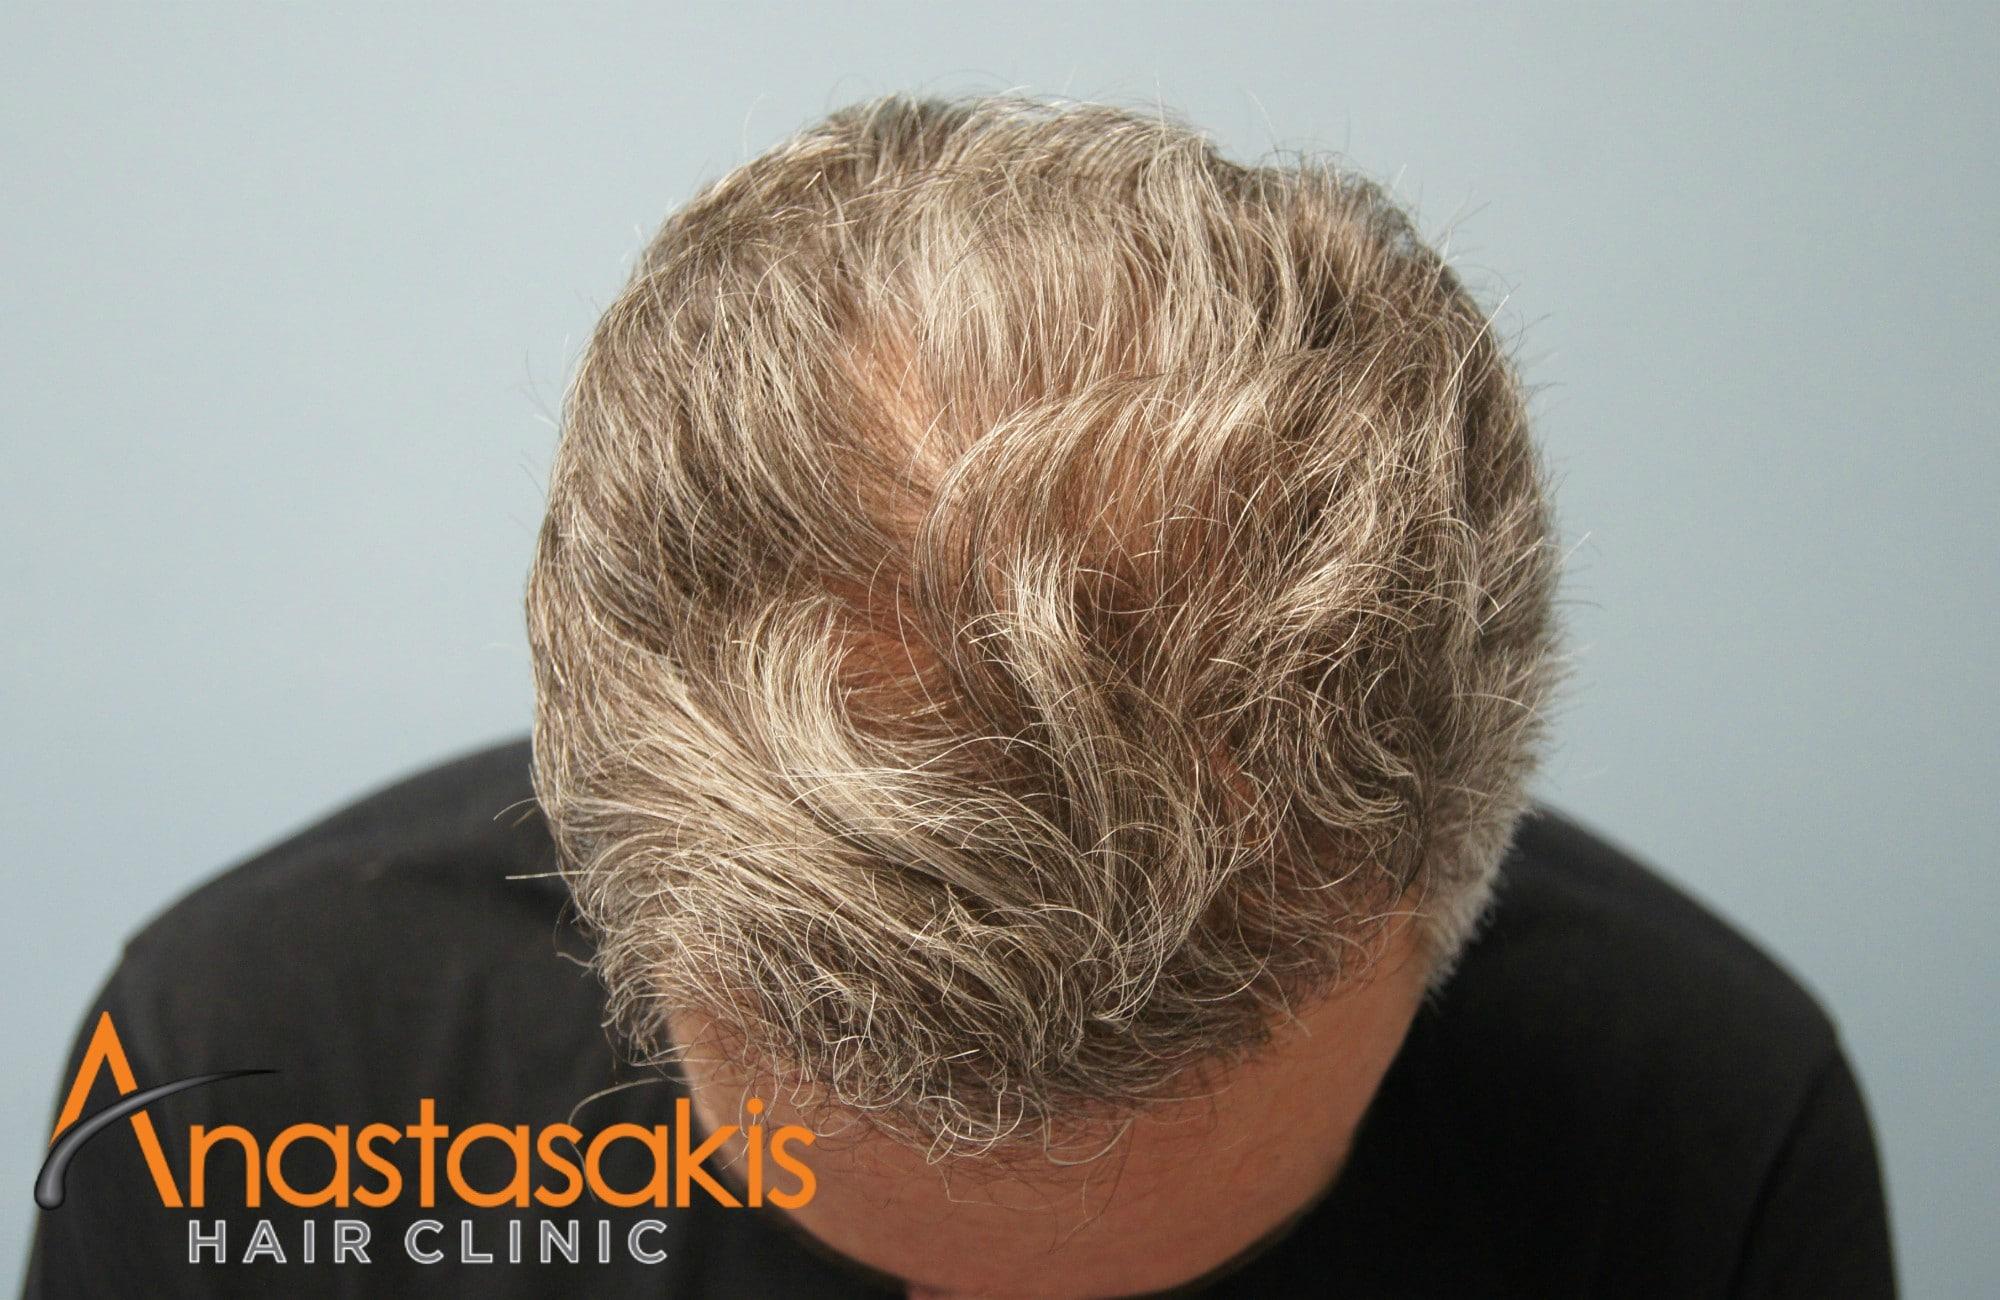 προσθια περιοχη ασθενους μετά τη μεταμοσχευση μαλλιων με 3500 fus